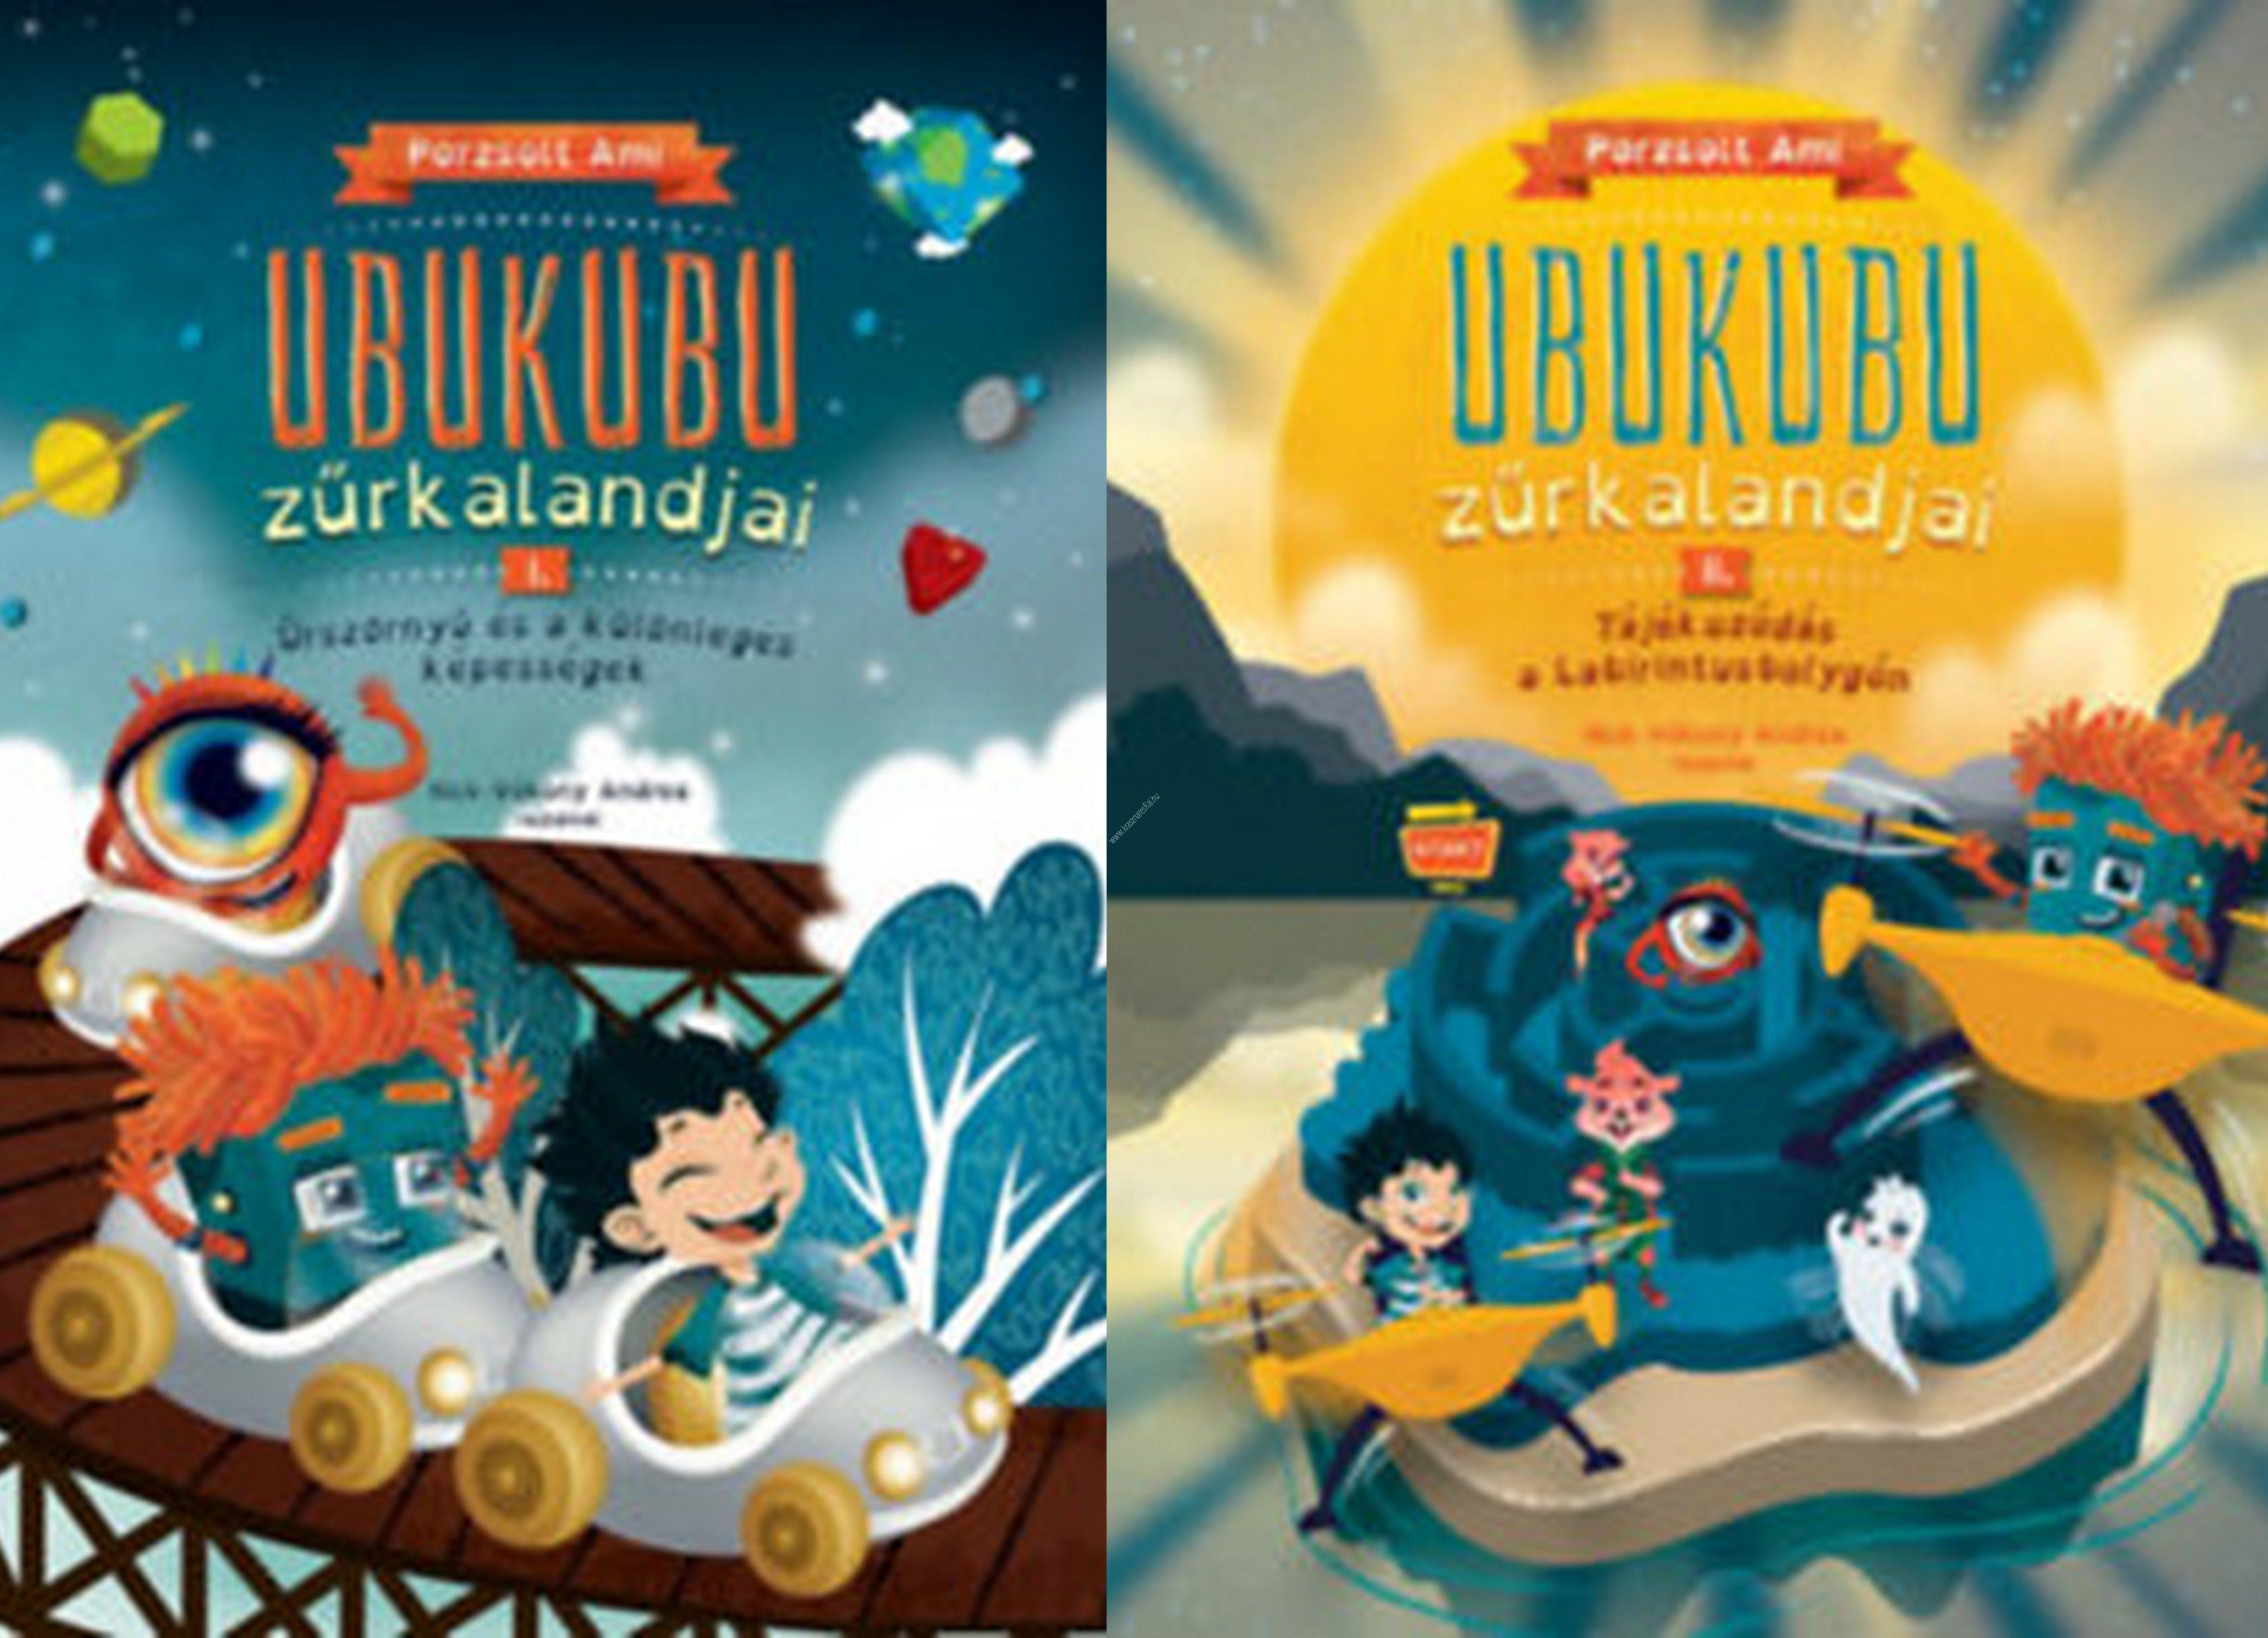 Ubukubu-zurkalandjai-1-2-diszlexia-veszelyeztetett-gyerekeknek